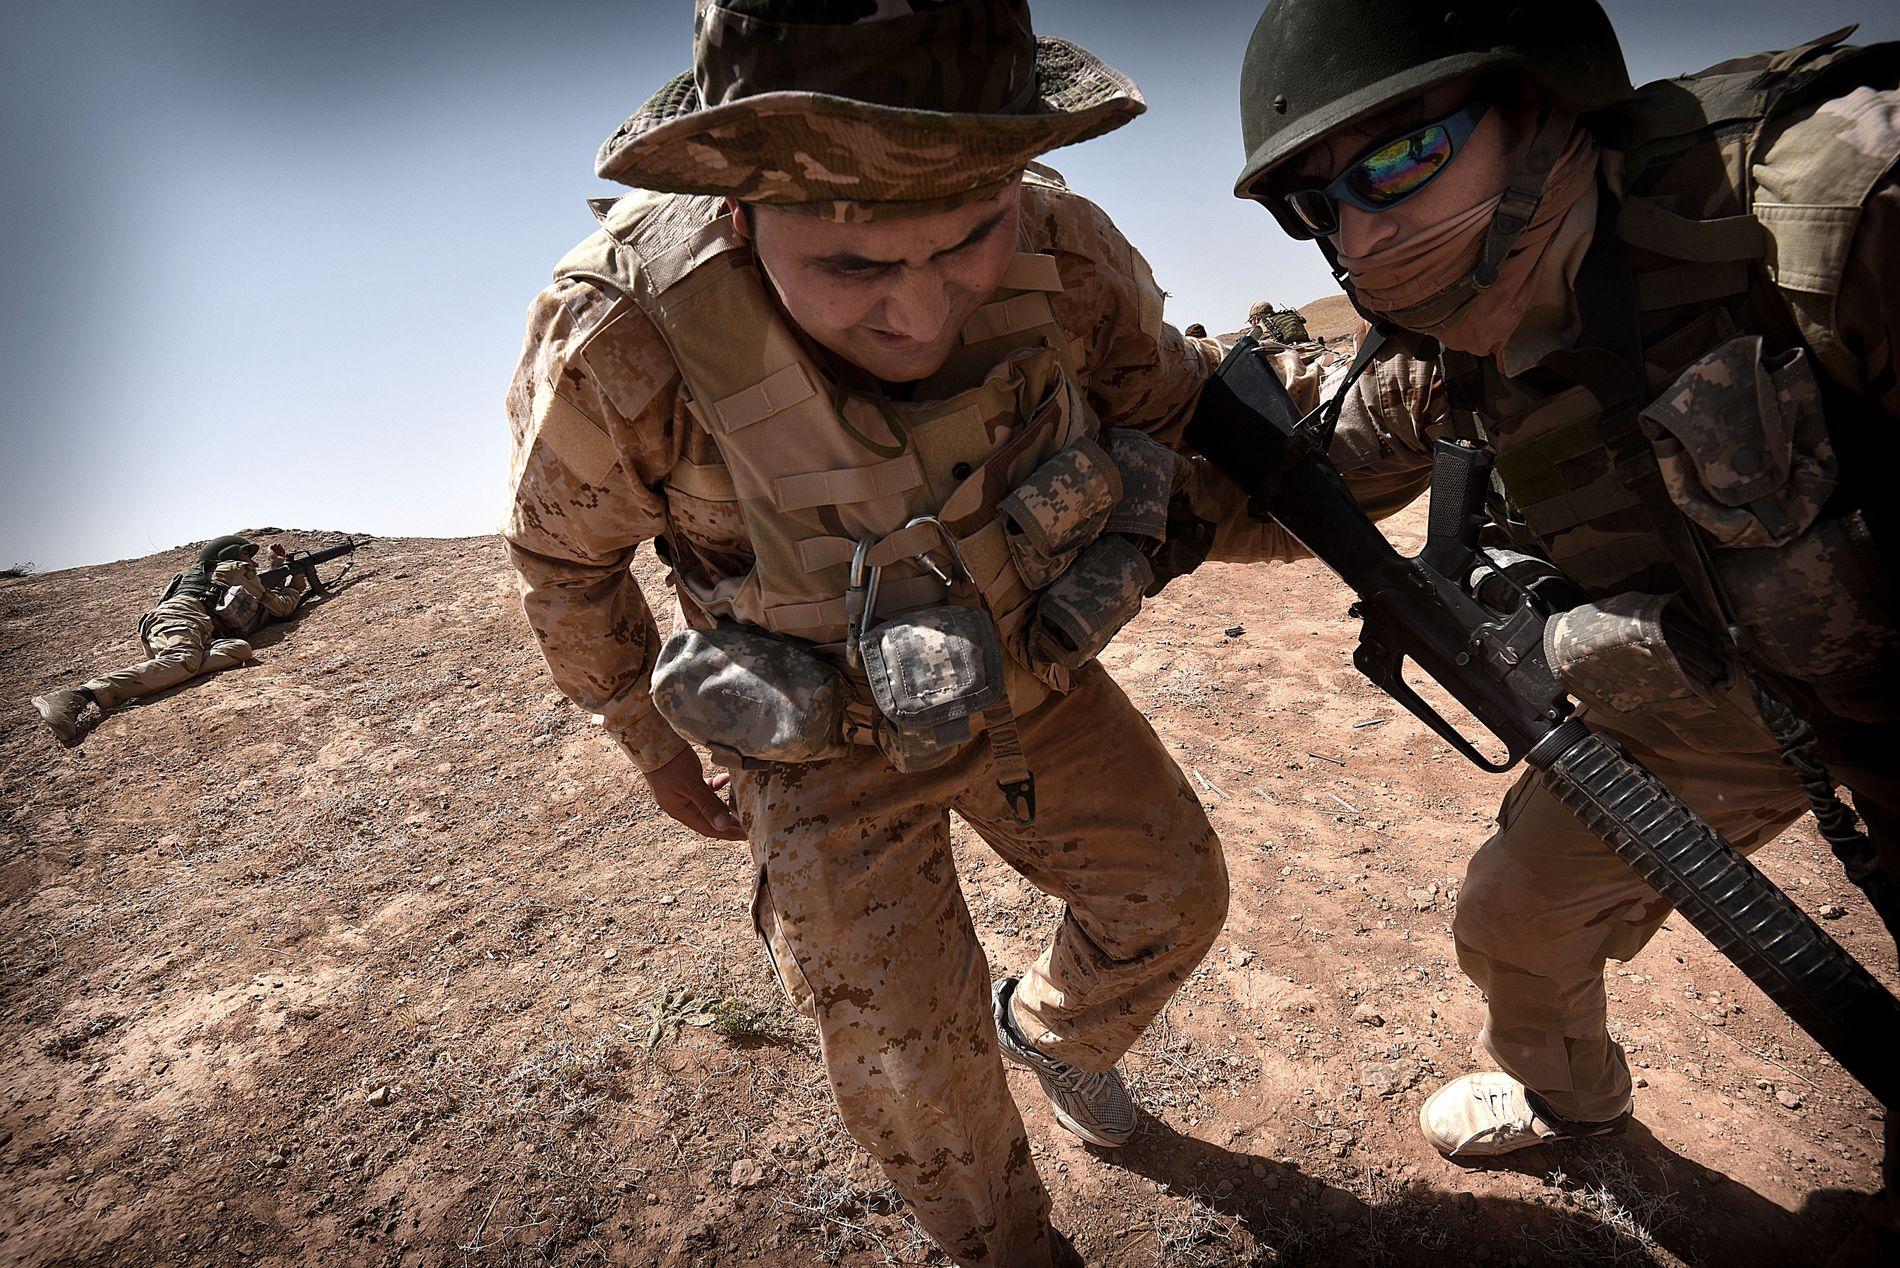 SPILLER SÅRET: Etter litt oppmuntring er de kurdiske peshmerga-soldatene med på øvelsen, der noen av dem skal spille såret og fraktes vekk fra kampsonen. Soldaten til venstre er blitt truffet i skulderen.